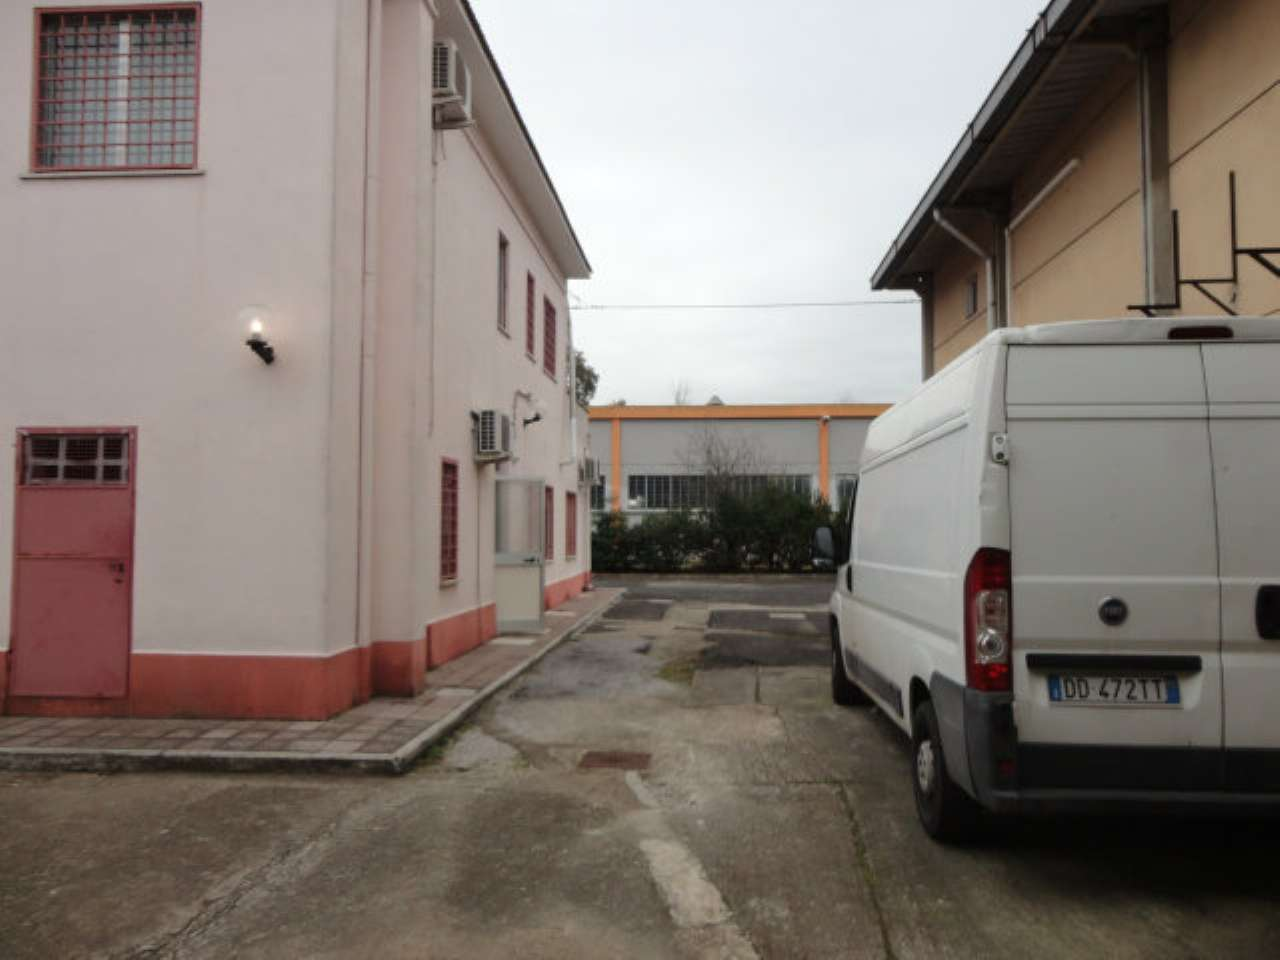 Immobili commerciali in affitto a pomezia for Immobili commerciali affitto roma